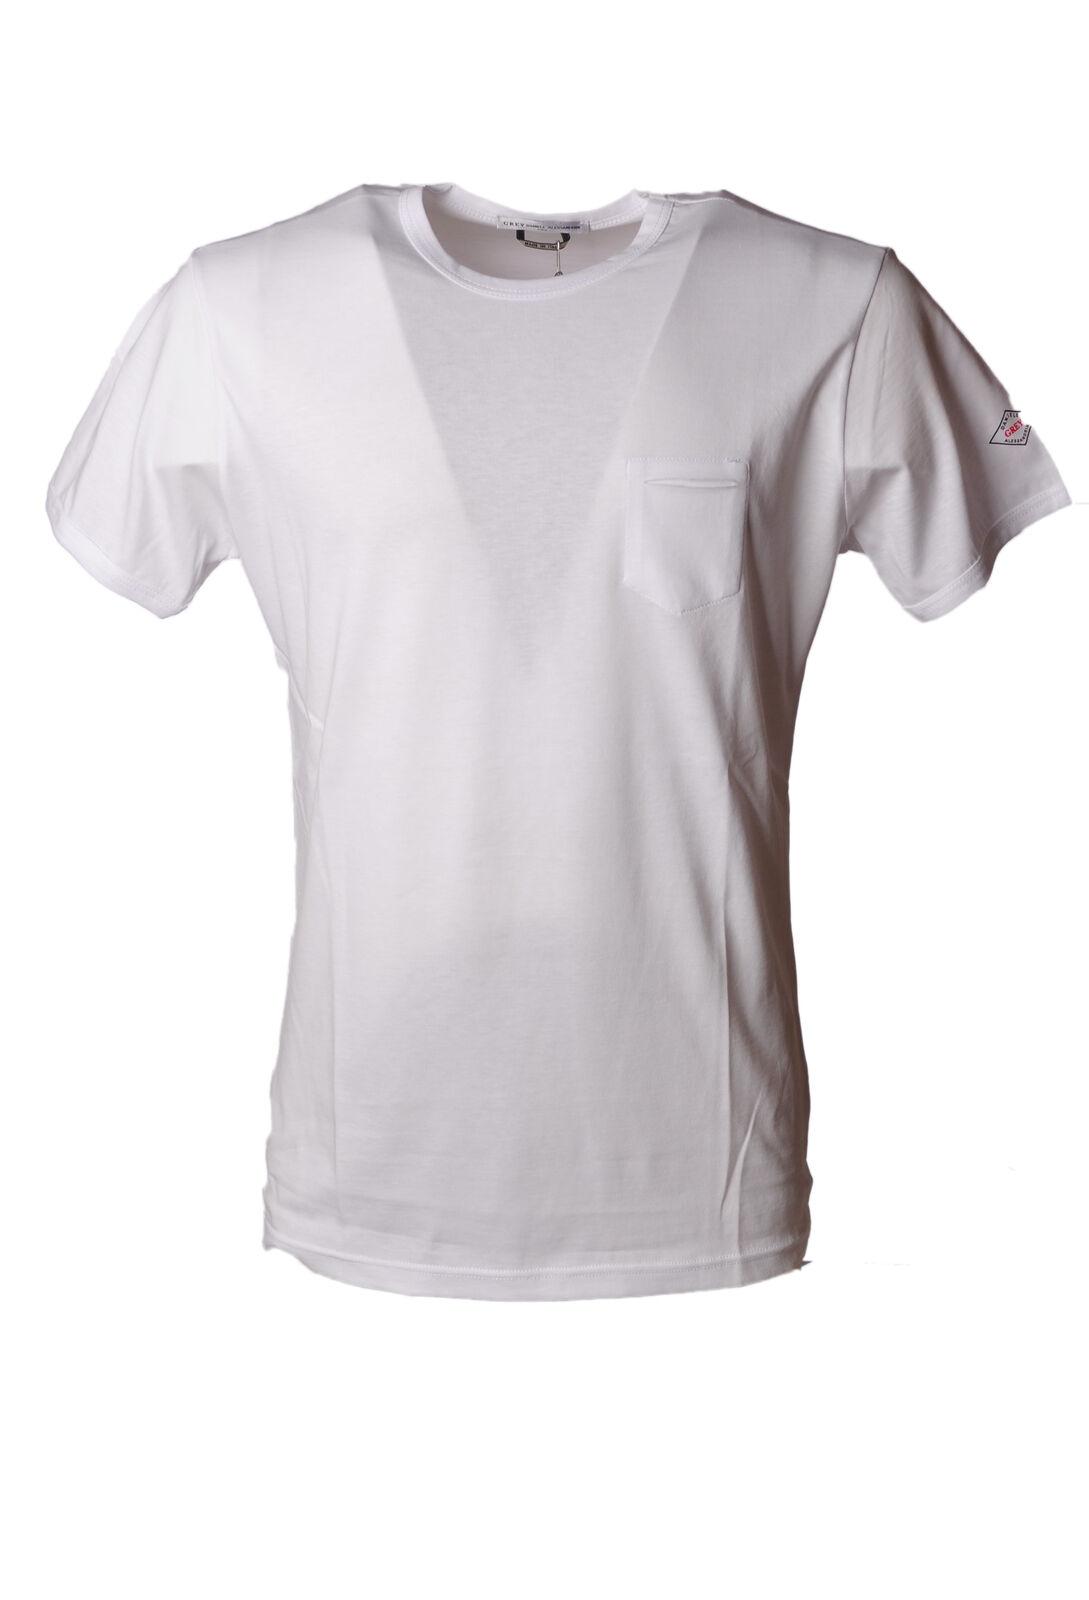 Daniele Alessandrini - Topwear-T-shirts - Man - Weiß - 4720716F180605